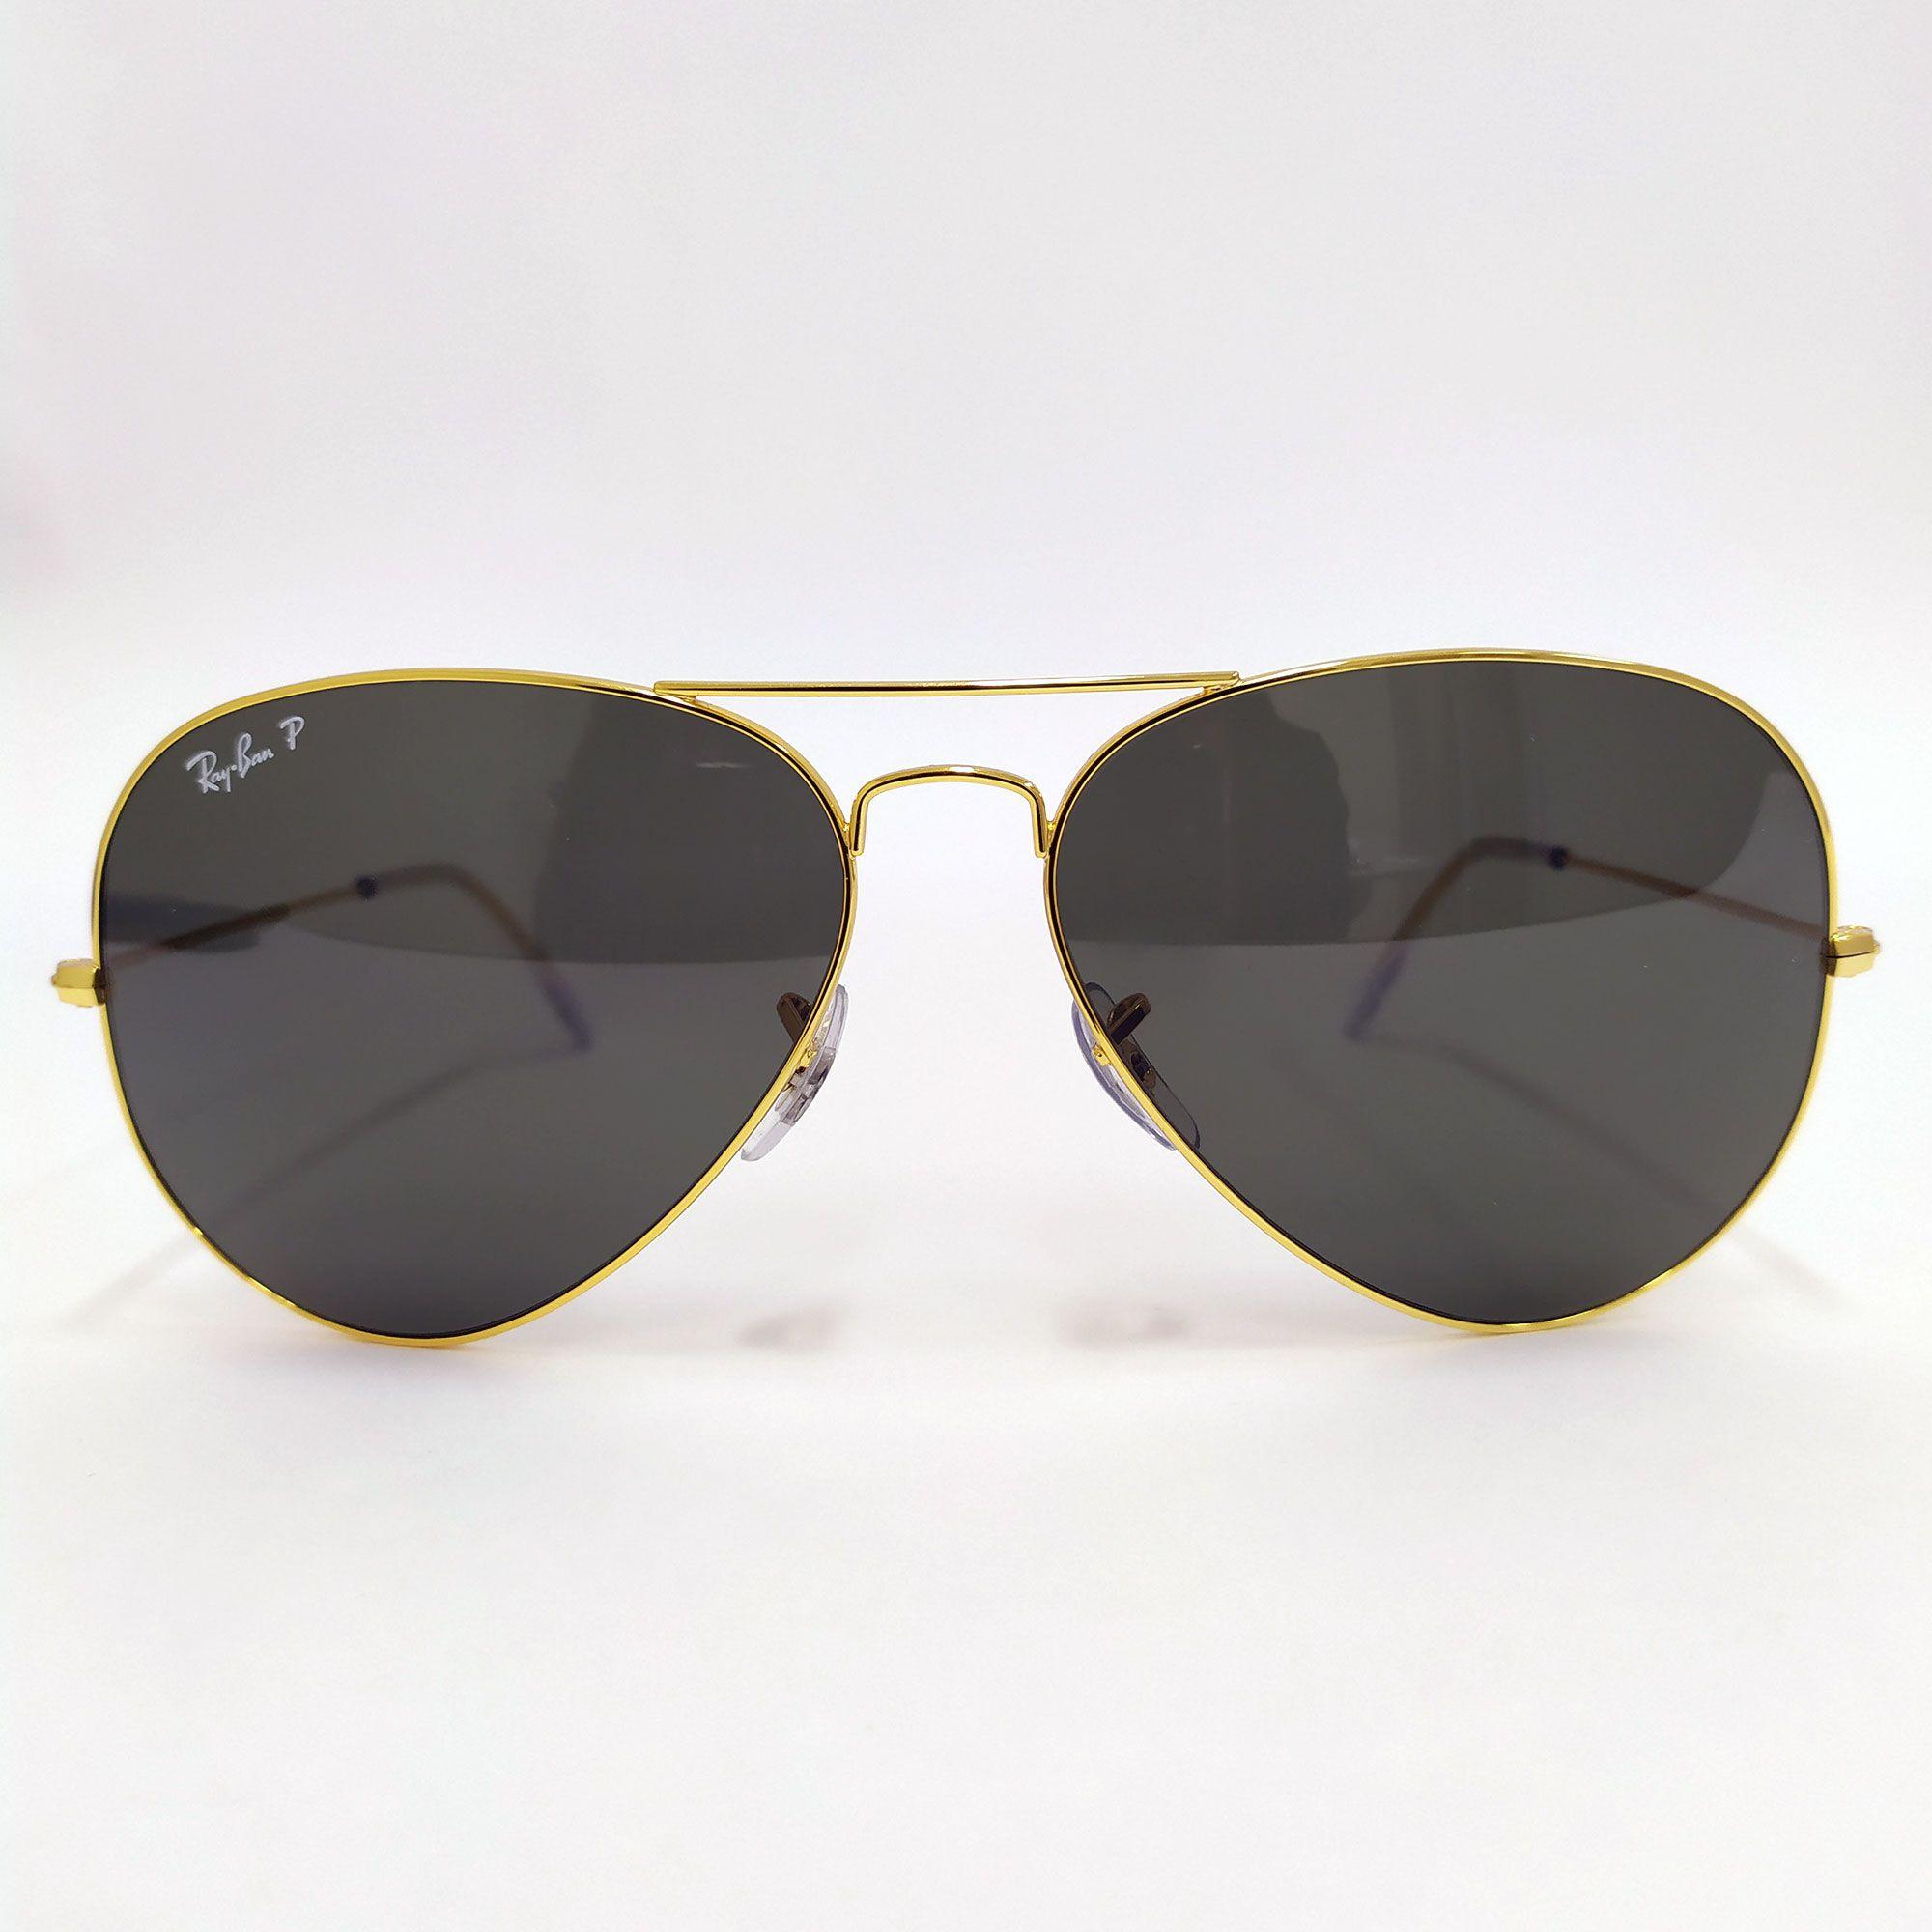 Óculos de Sol Ray-Ban Aviator Clássico com Lente  Verde Clássica G-15 3025